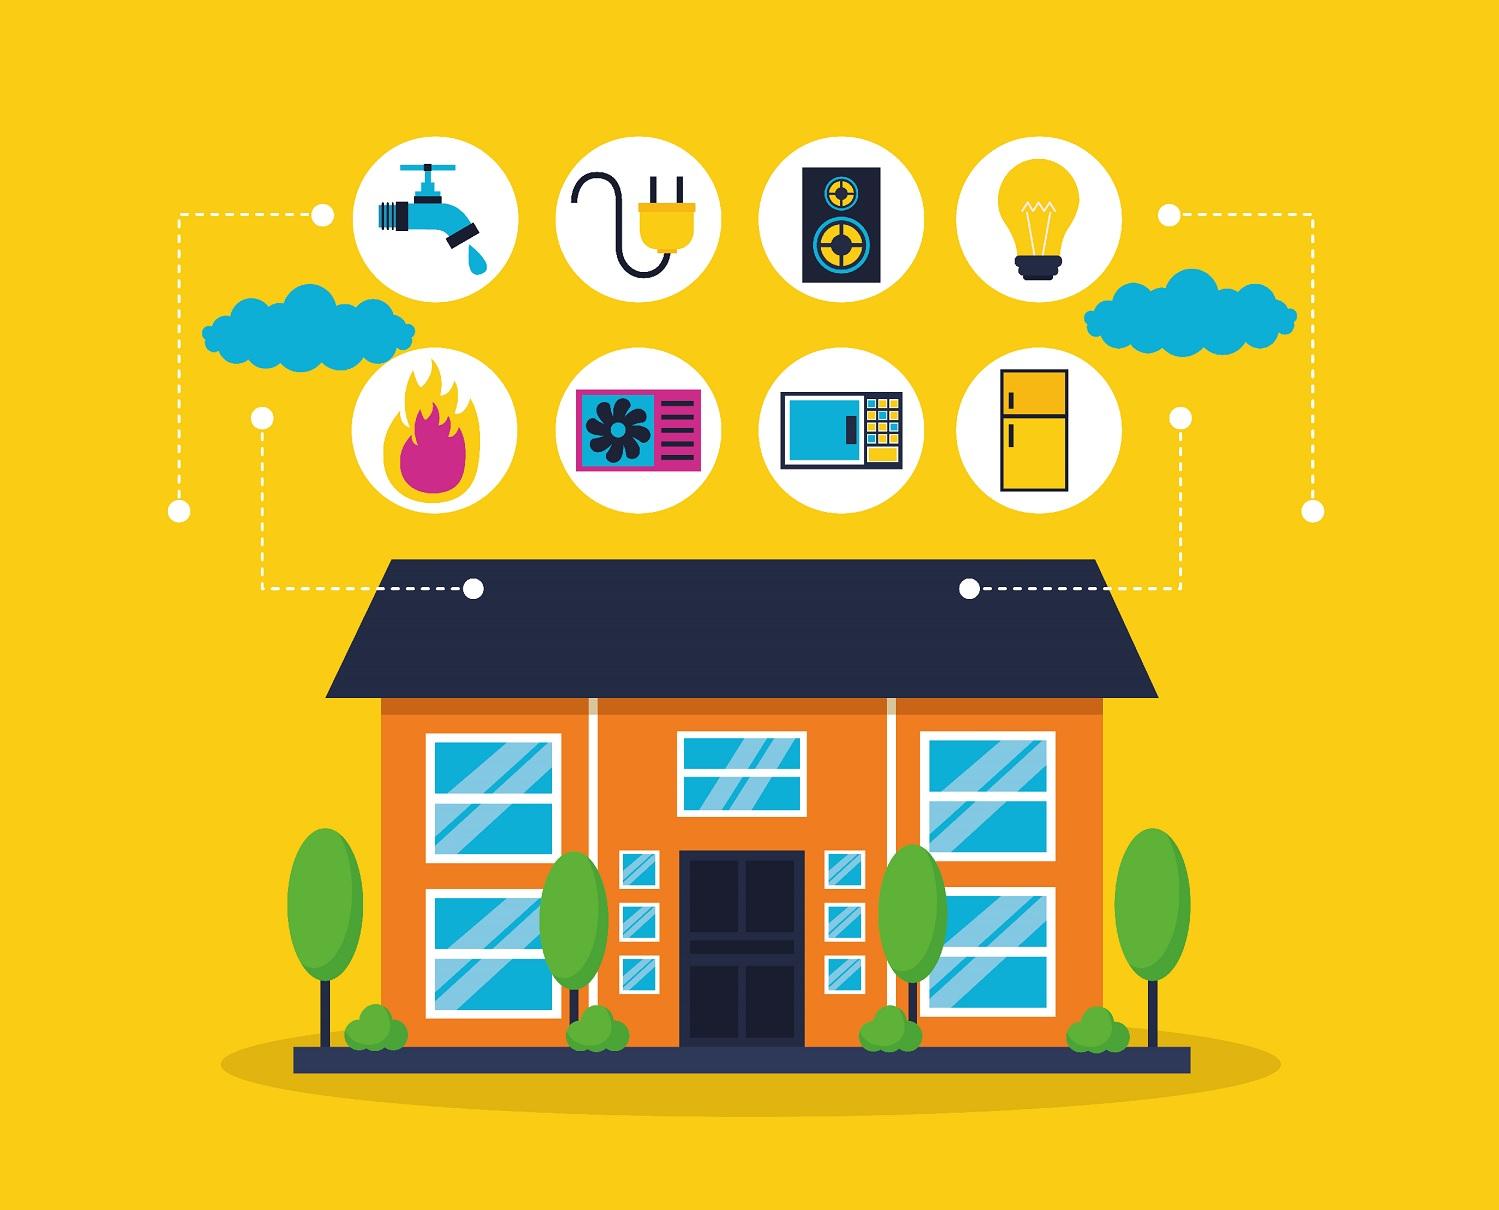 Inteligentne systemy częściej dla komfortu niż bezpieczeństwa - raport Oferteo o smart home w Polsce